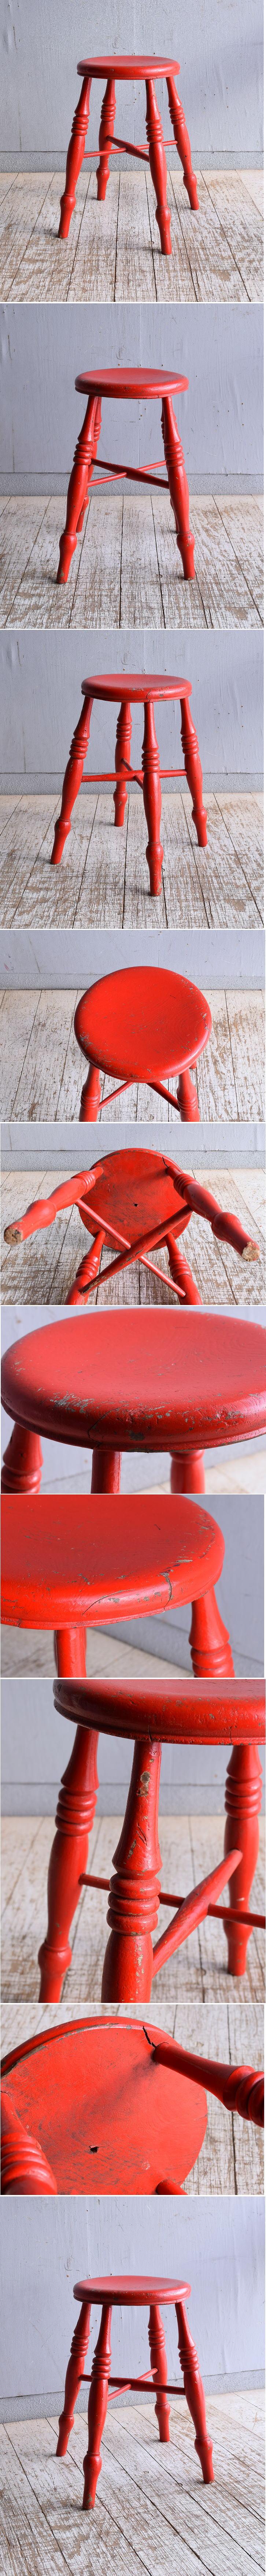 イギリス アンティーク家具 キッチンチェア 椅子 9362